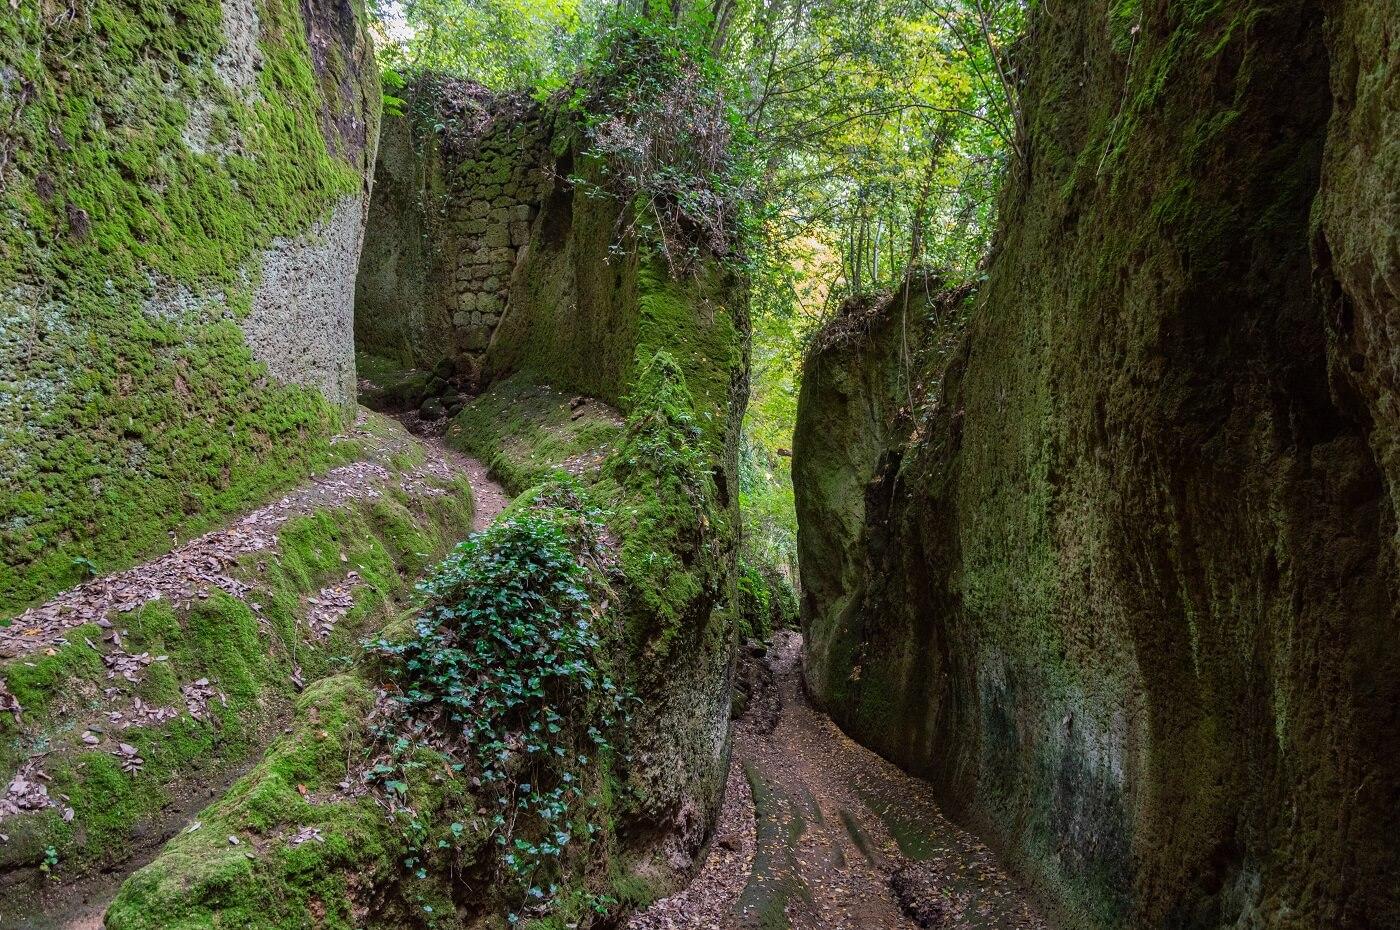 La via cava etrusca di San Rocco, Sorano